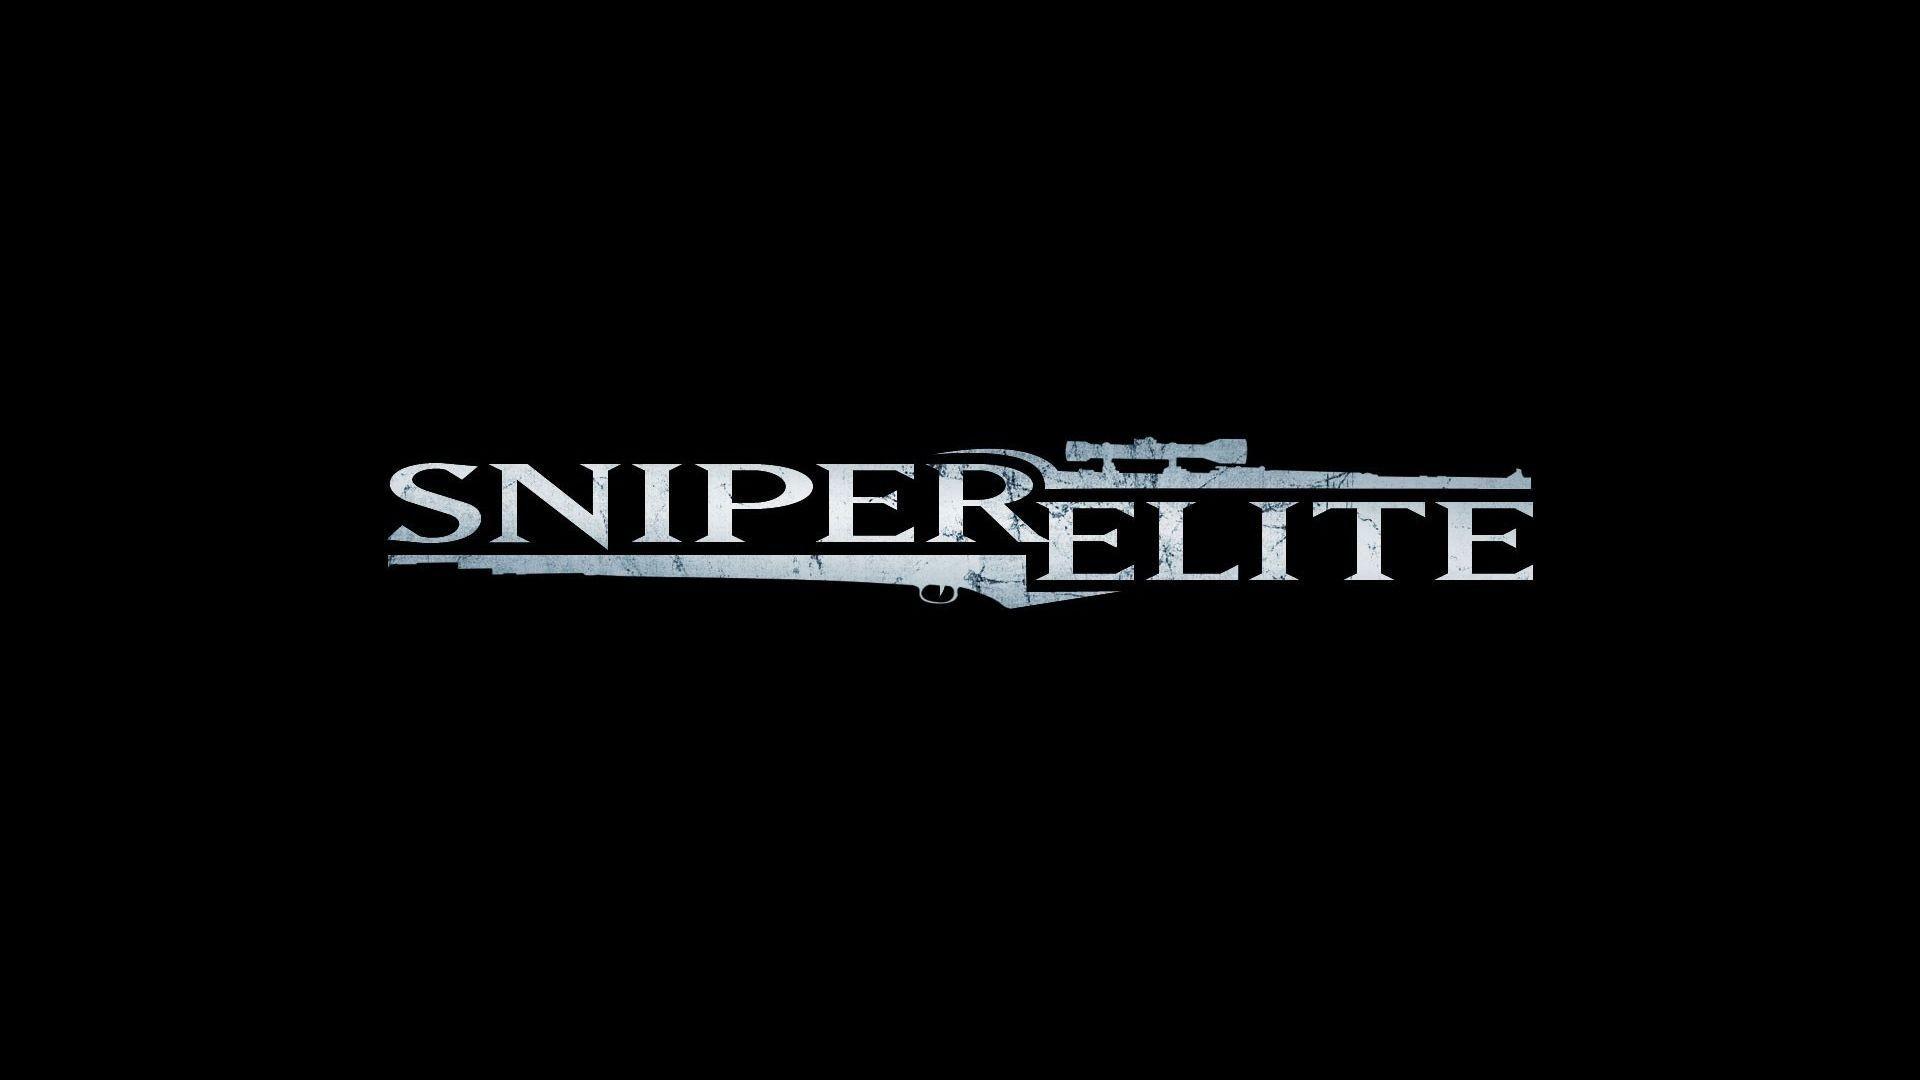 sniper elite logo wallpaper